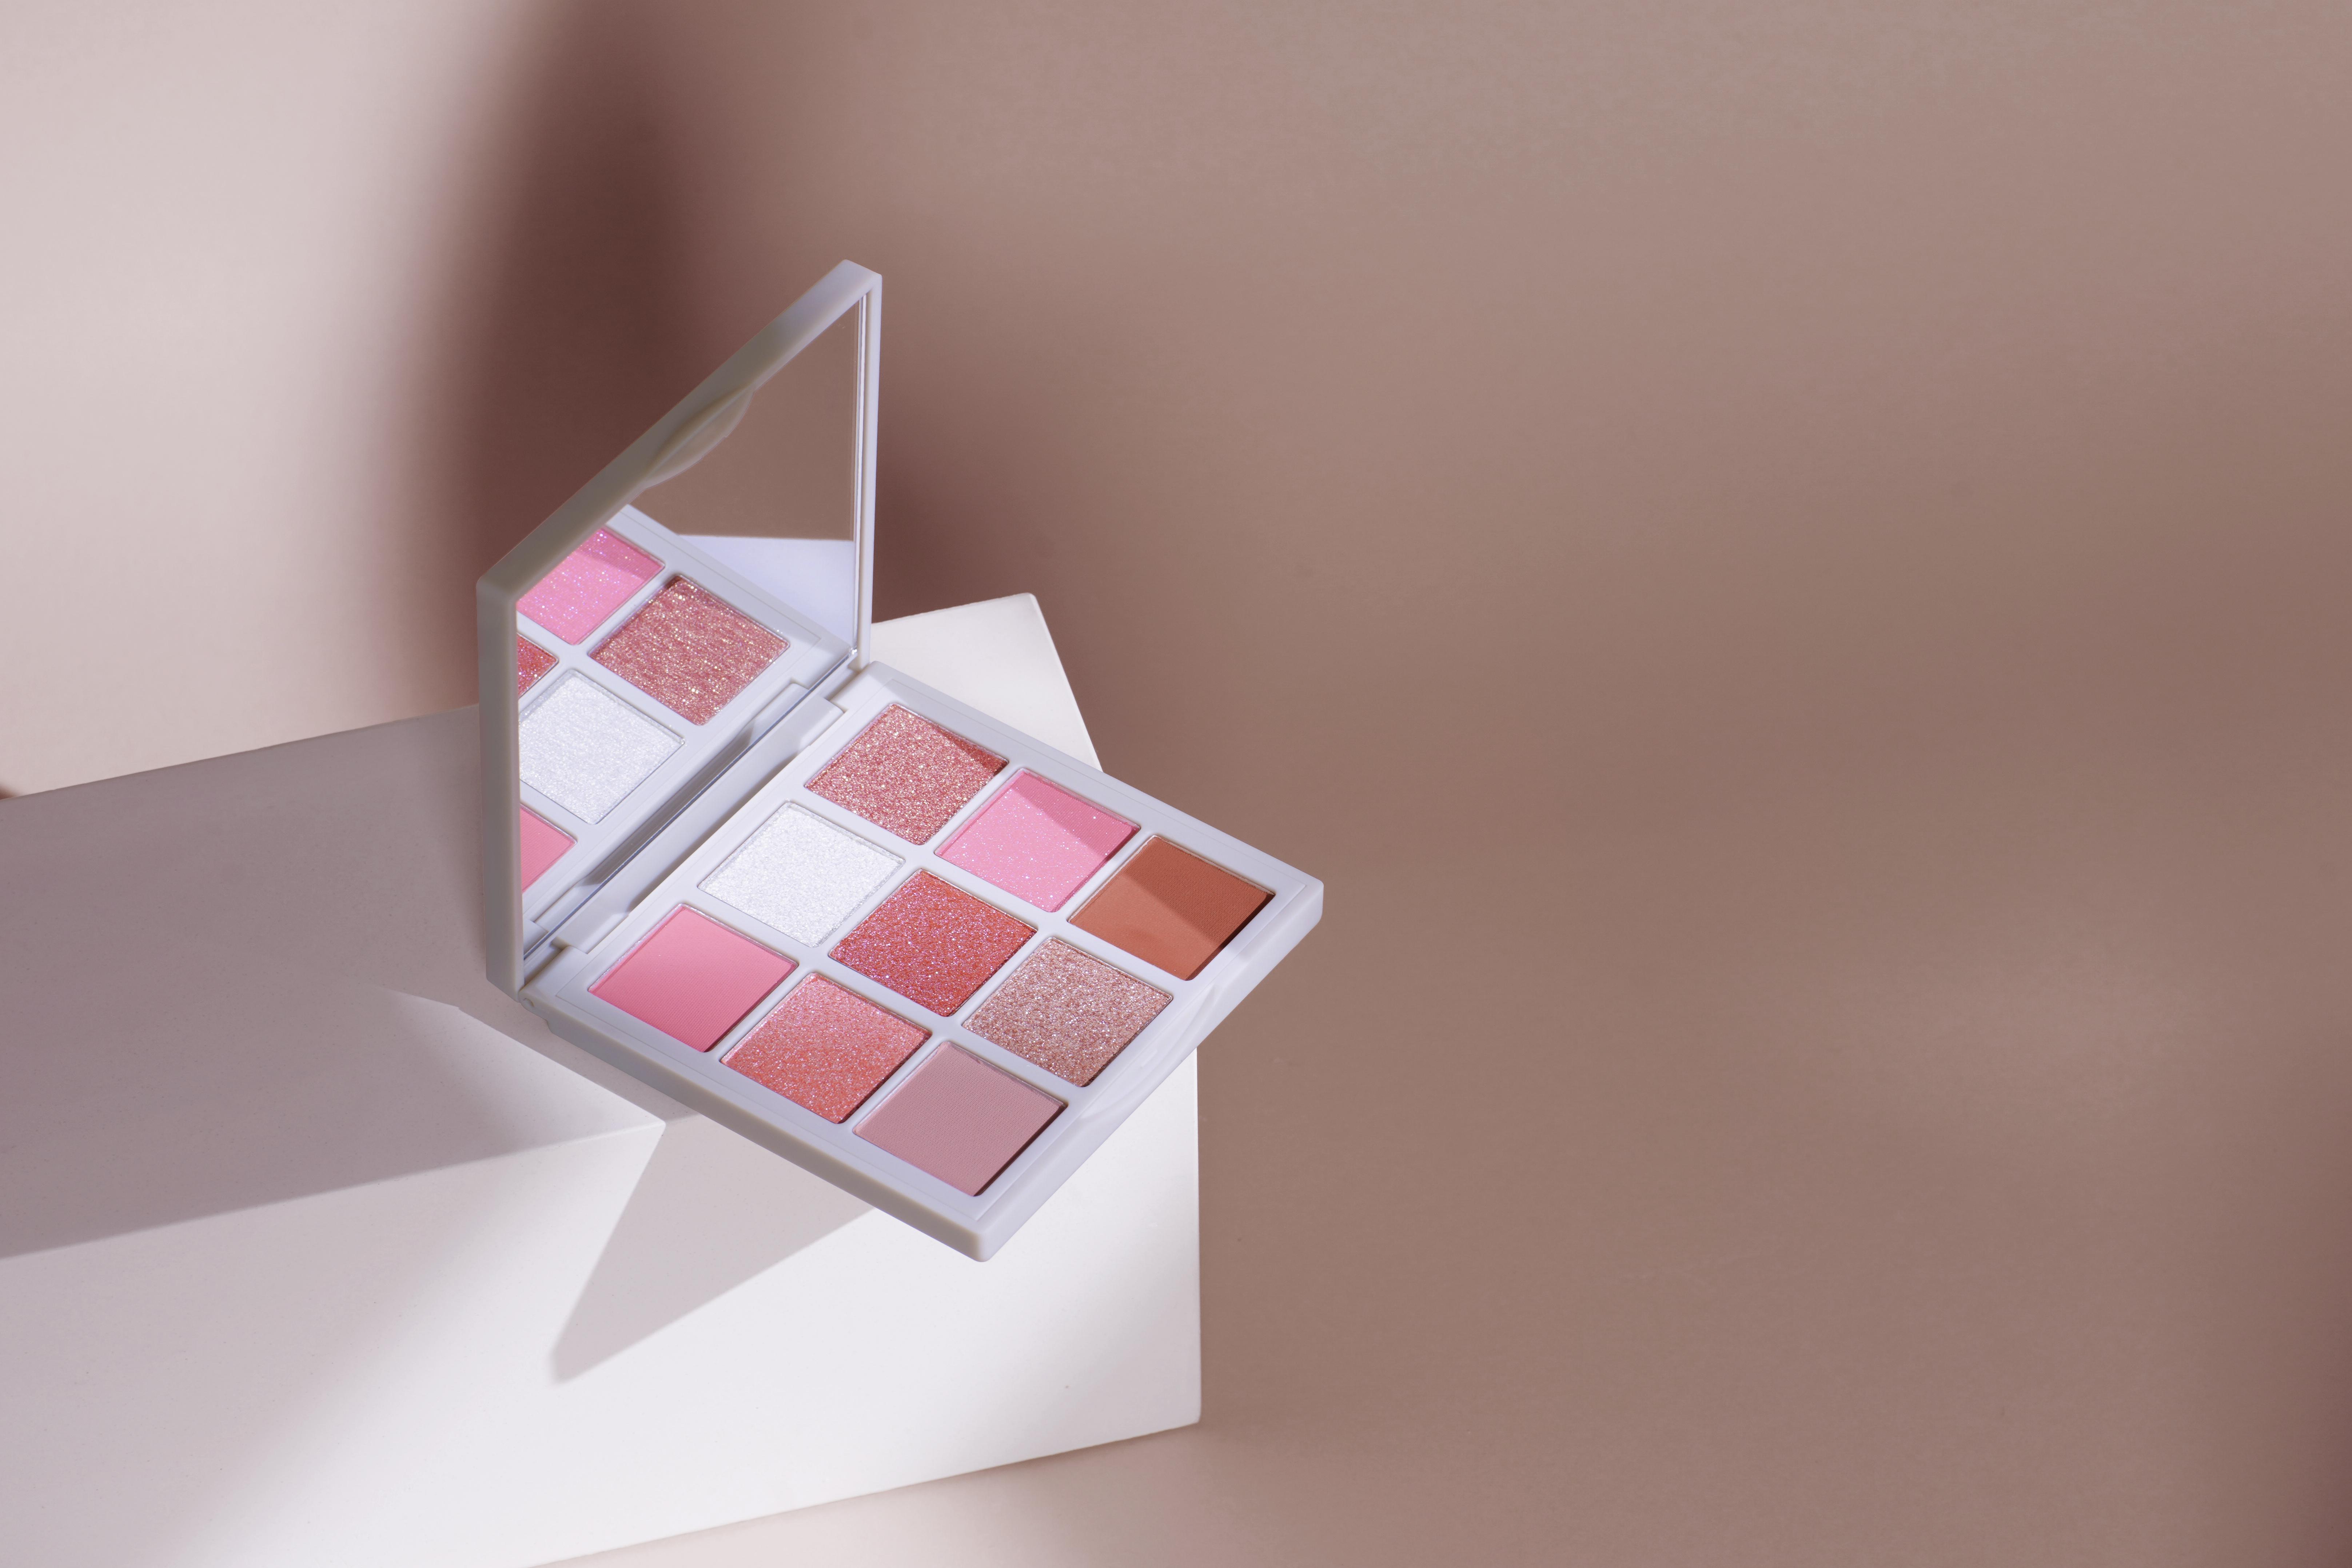 VENUS MARBLE定位是全球化的美妆品牌。